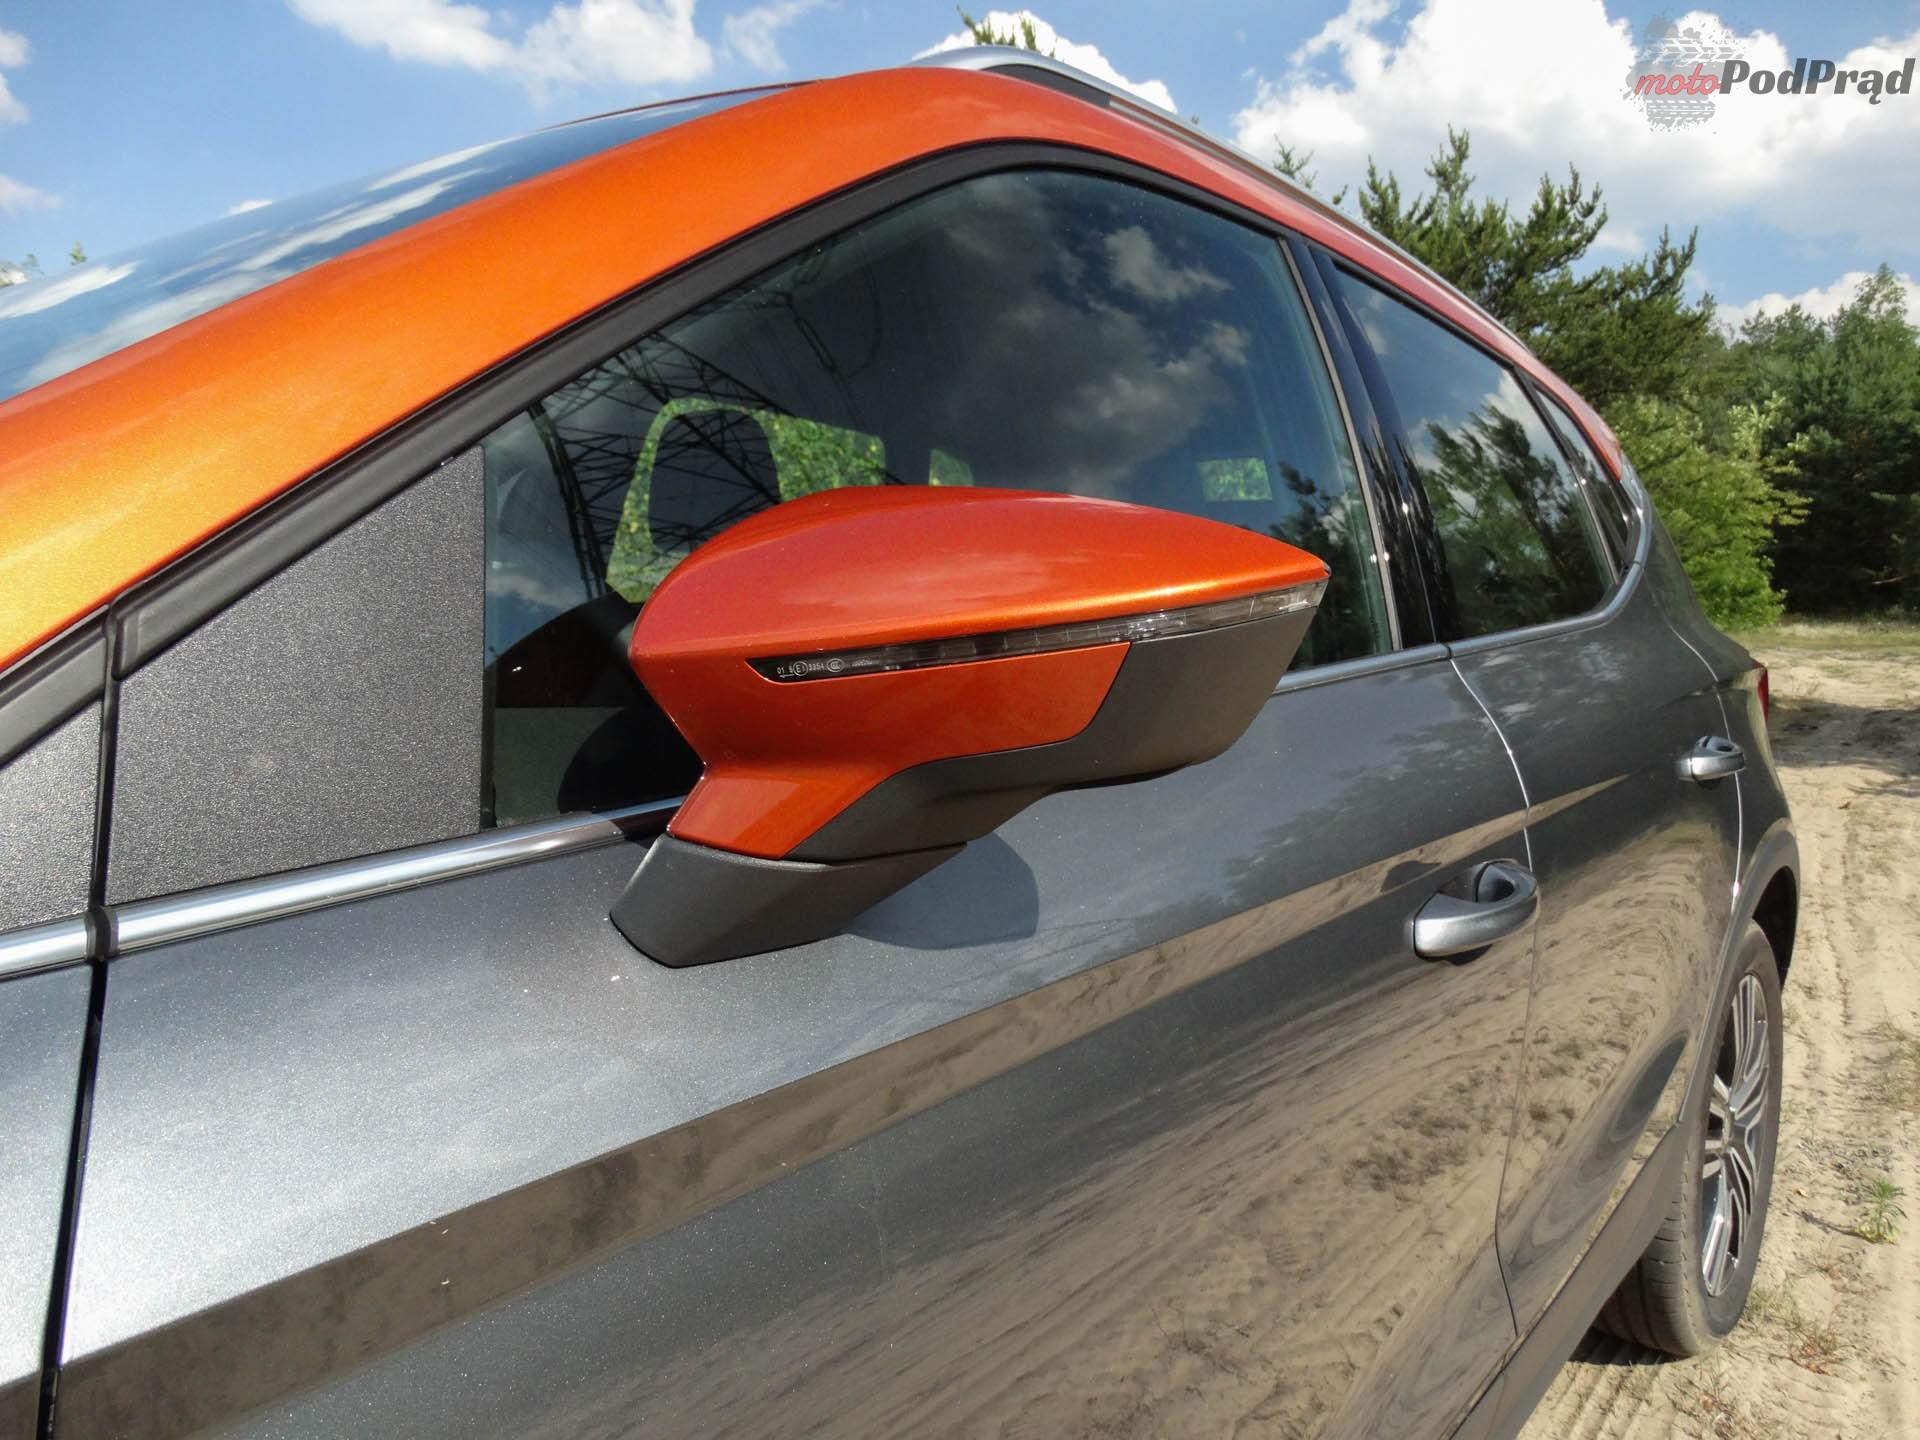 Seat Arona 3 Porównanie: Hyundai Kona 1.0 kontra Seat Arona 1.0